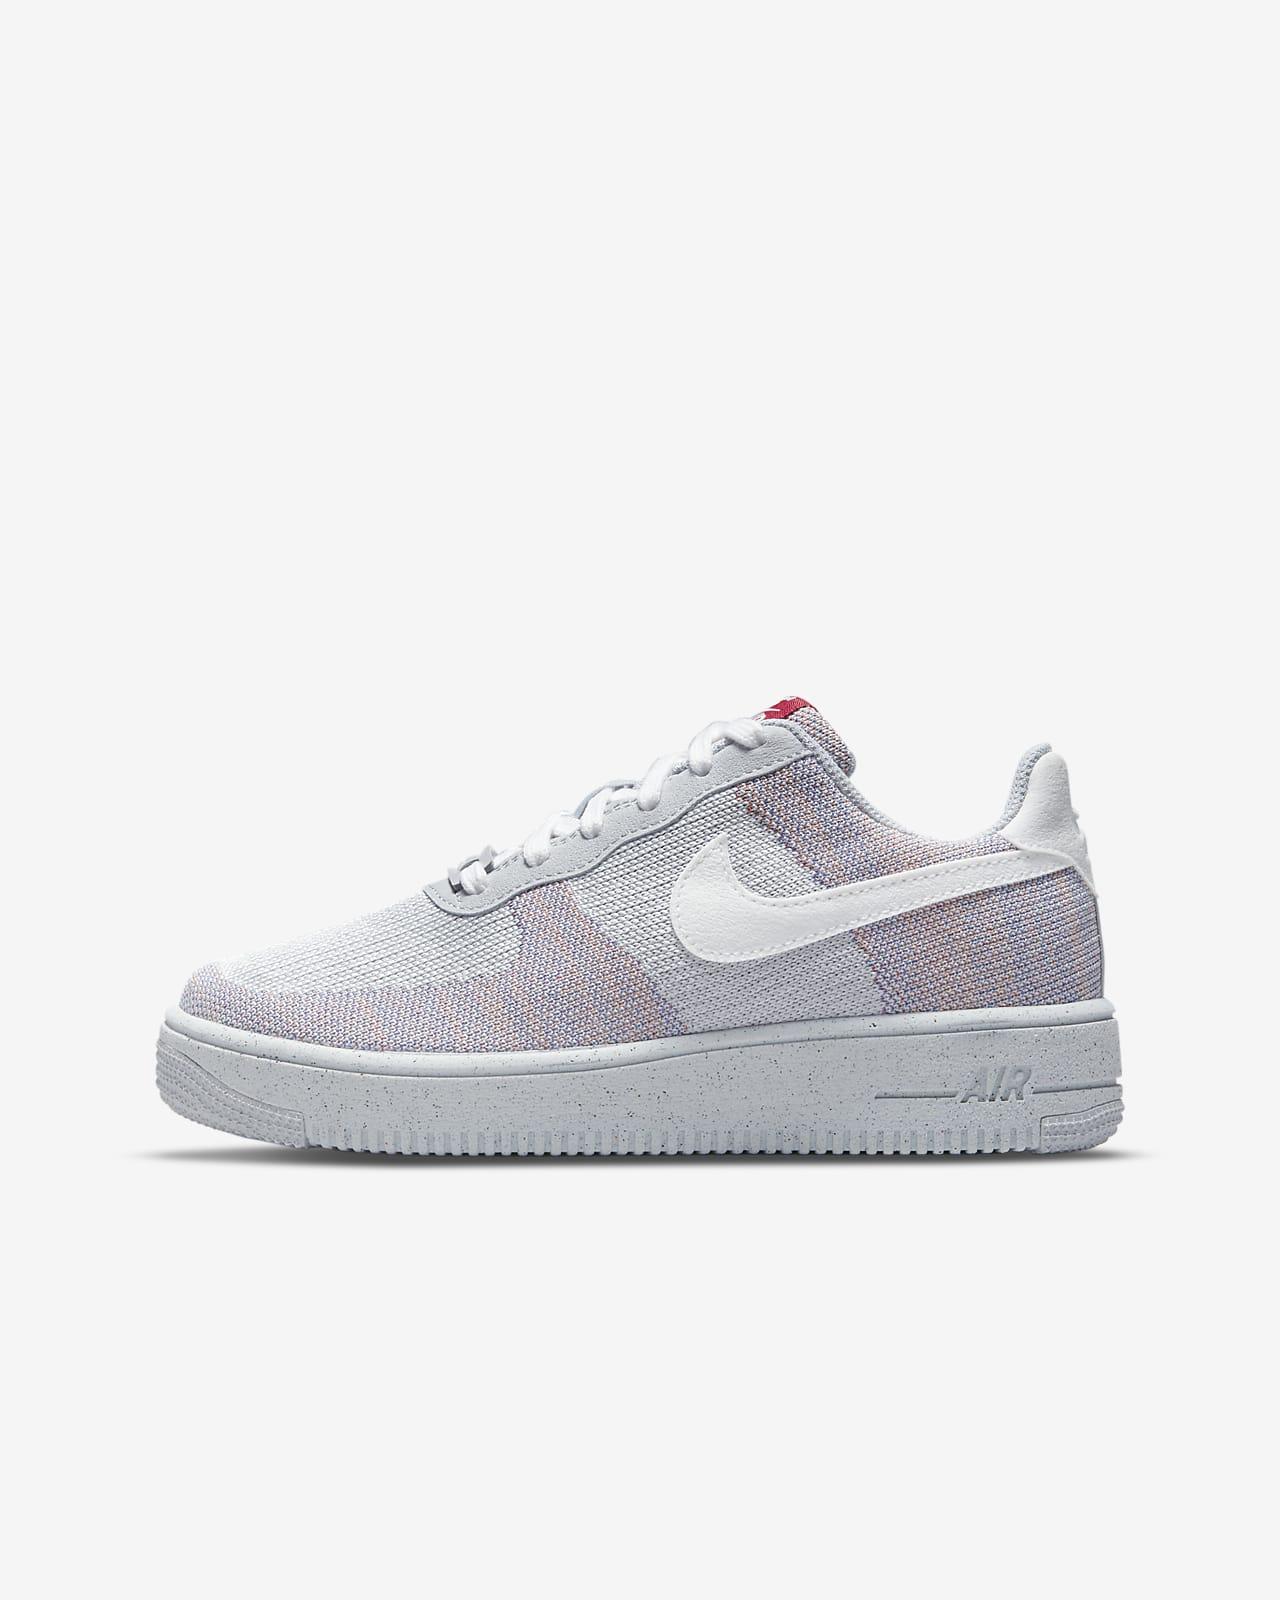 Παπούτσι Nike Air Force 1 Crater Flyknit για μεγάλα παιδιά